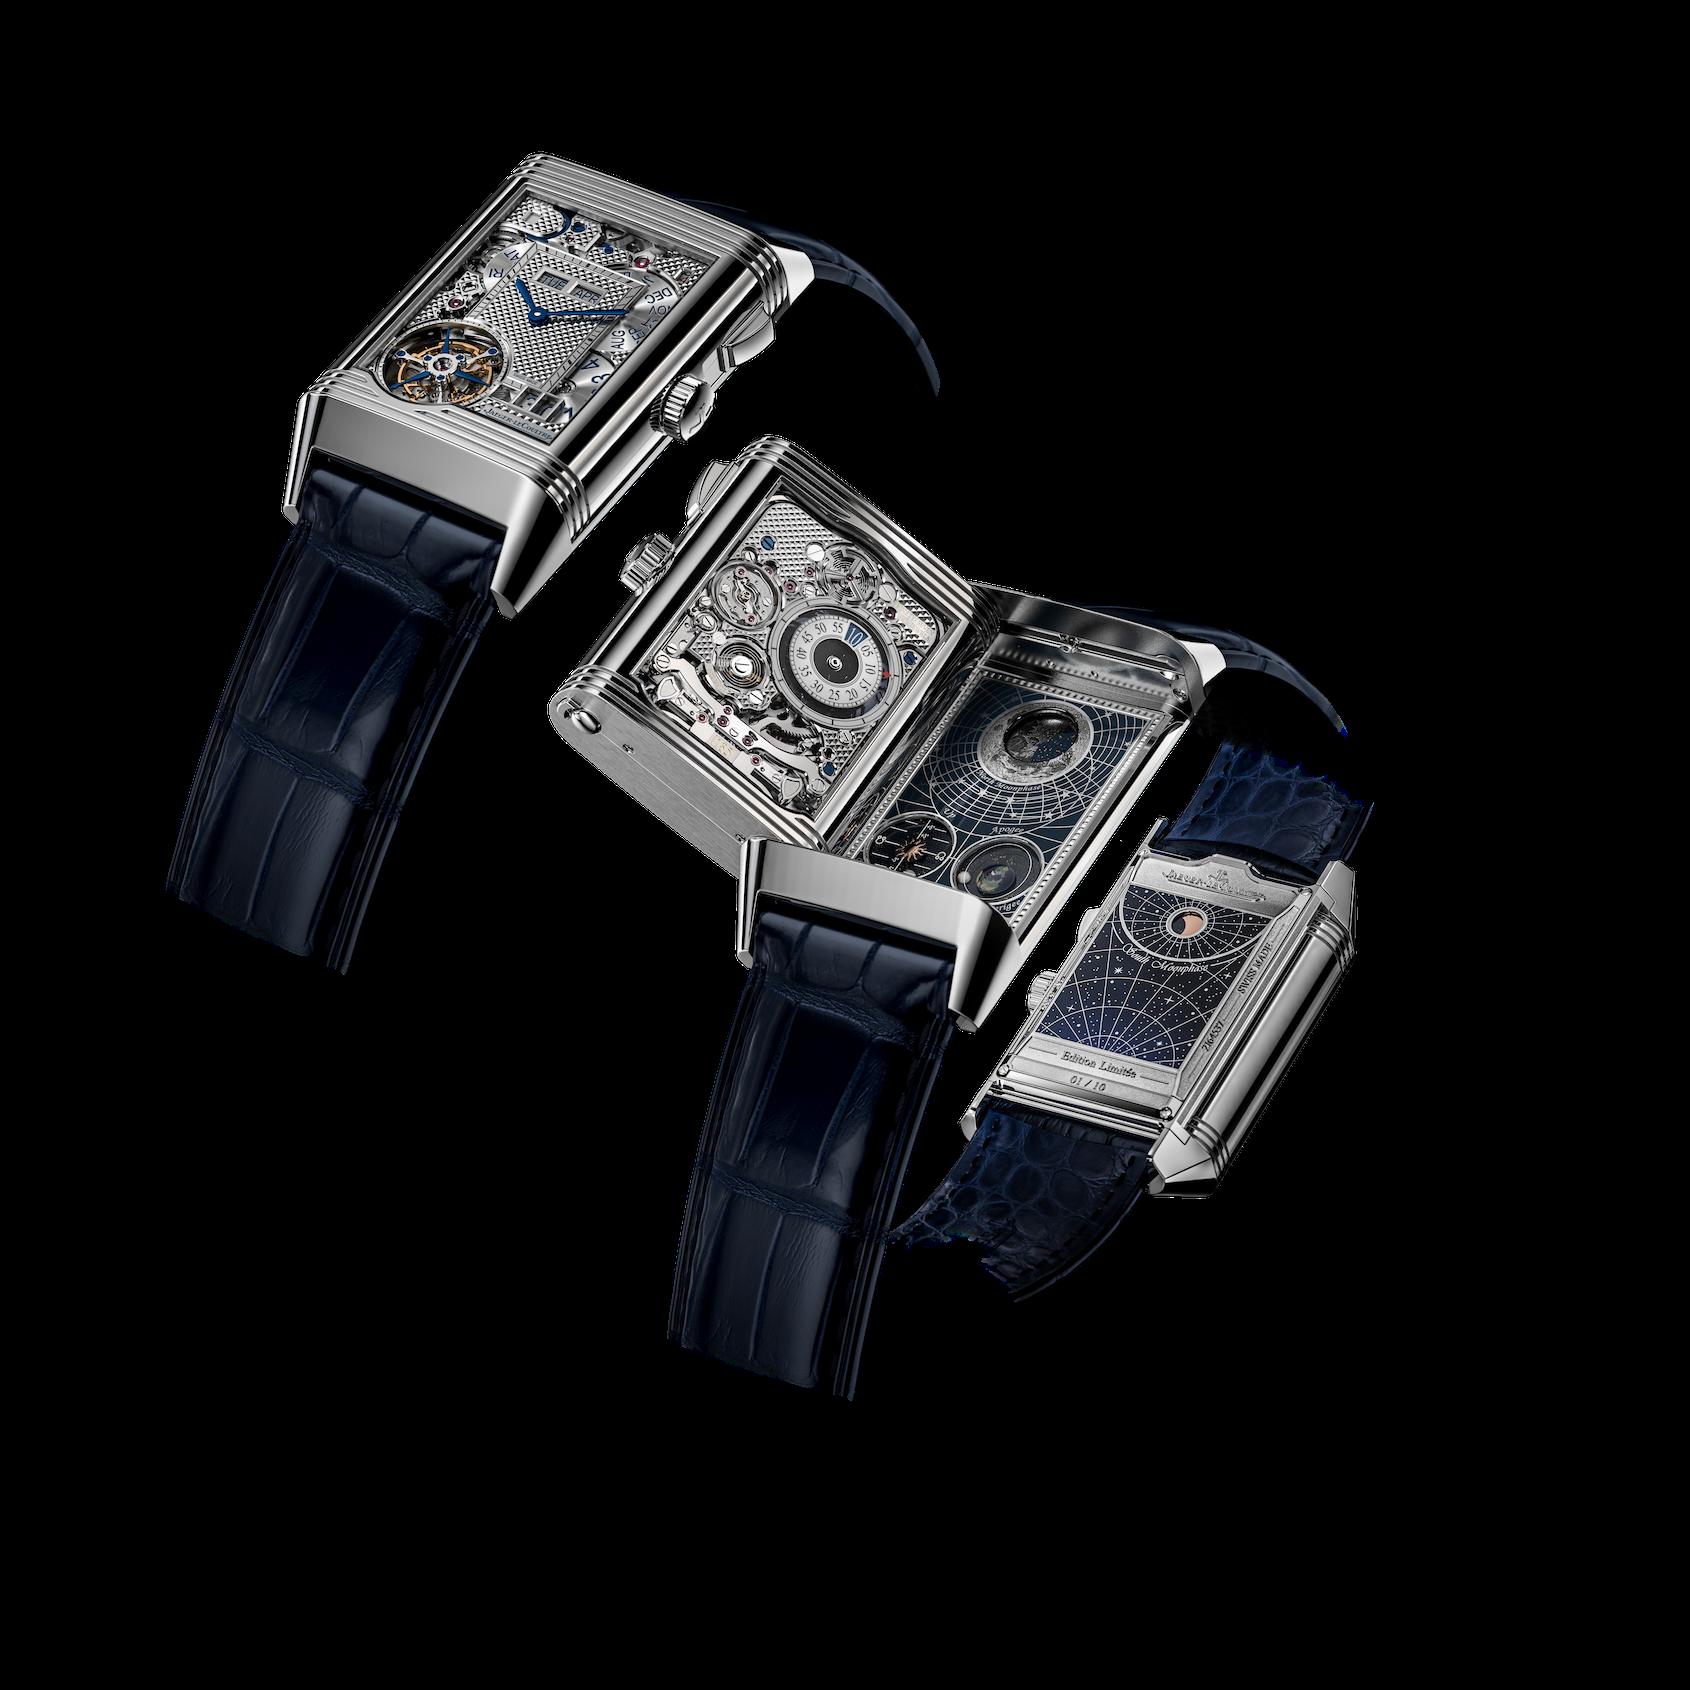 Jaeger-LeCoultre Reverso Hybris Mechanica Calibre 185 (Quadriptyque)